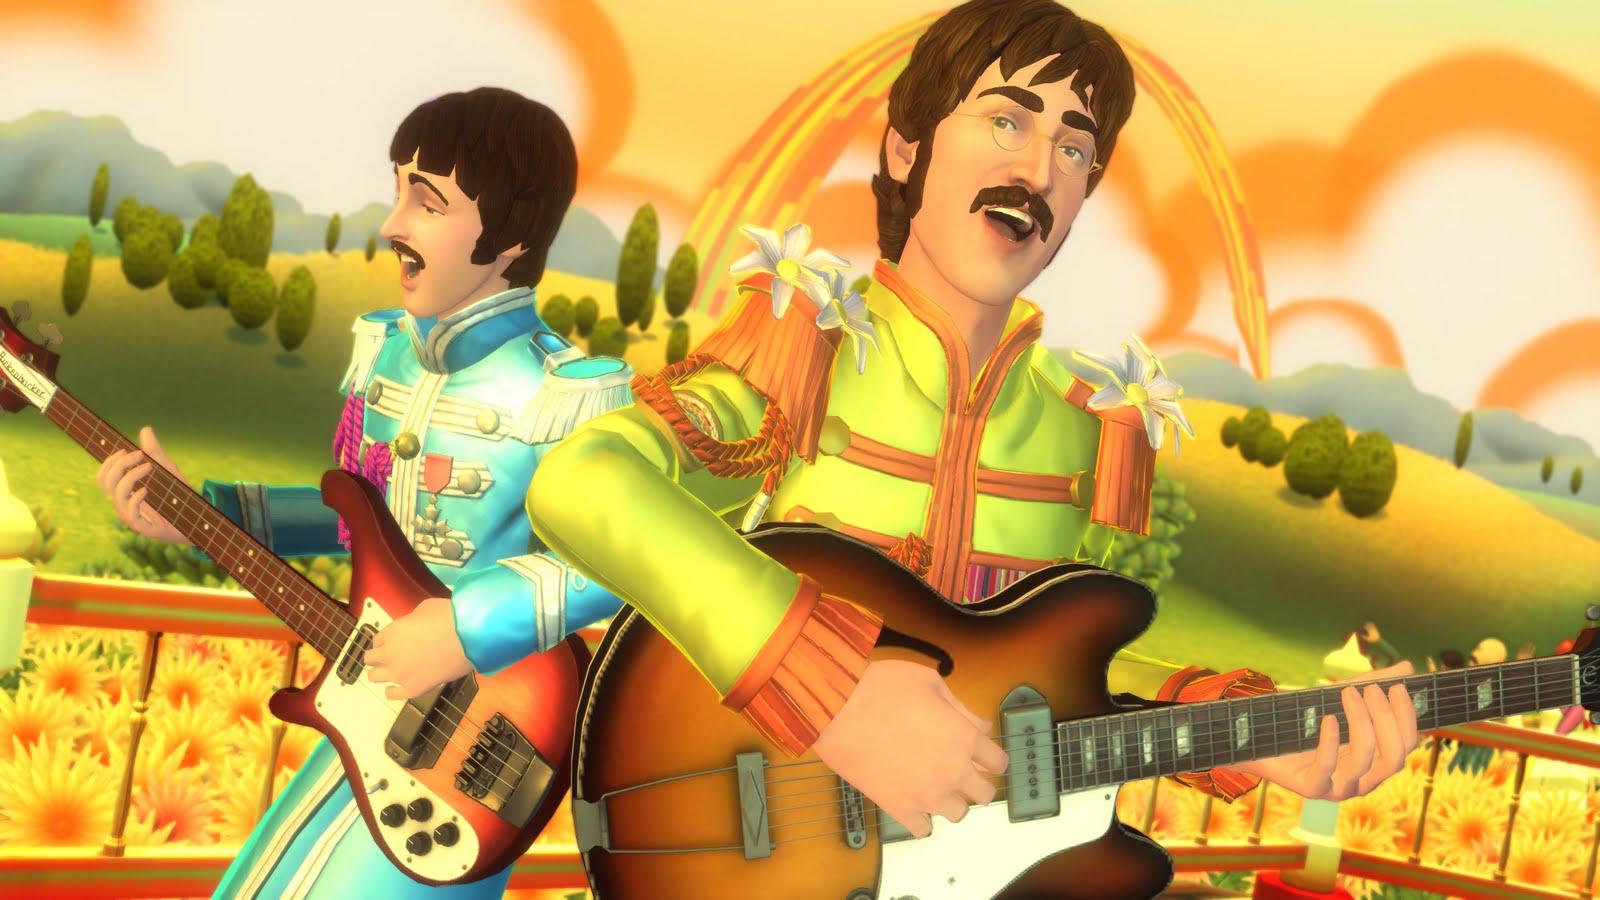 The Beatles Wallpaper Sgt Pepper Simple Pics